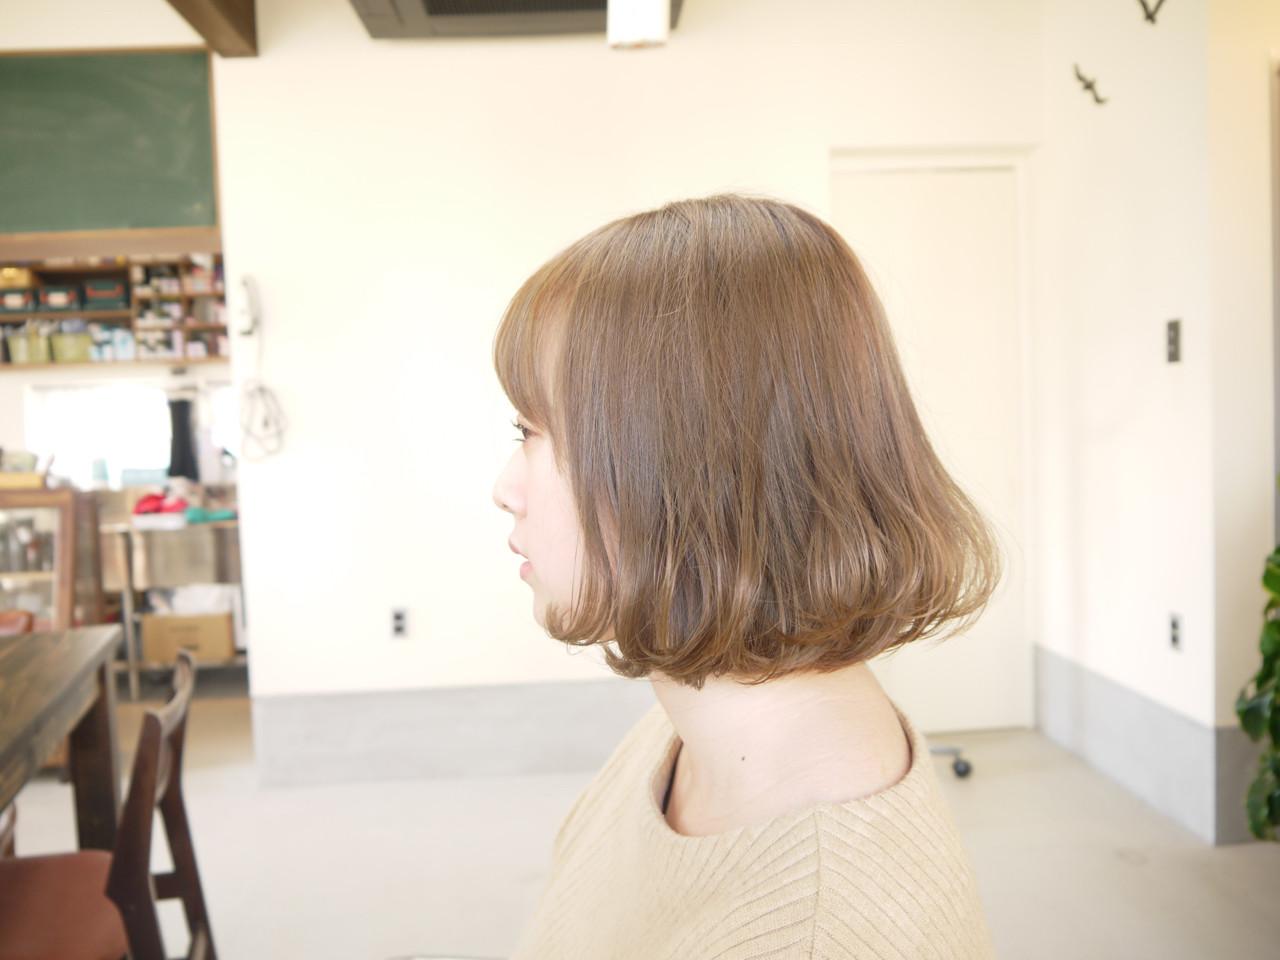 ナチュラル ベージュ ダブルカラー ボブ ヘアスタイルや髪型の写真・画像 | iwamoto atsushi / kamome. / カモメ美容室